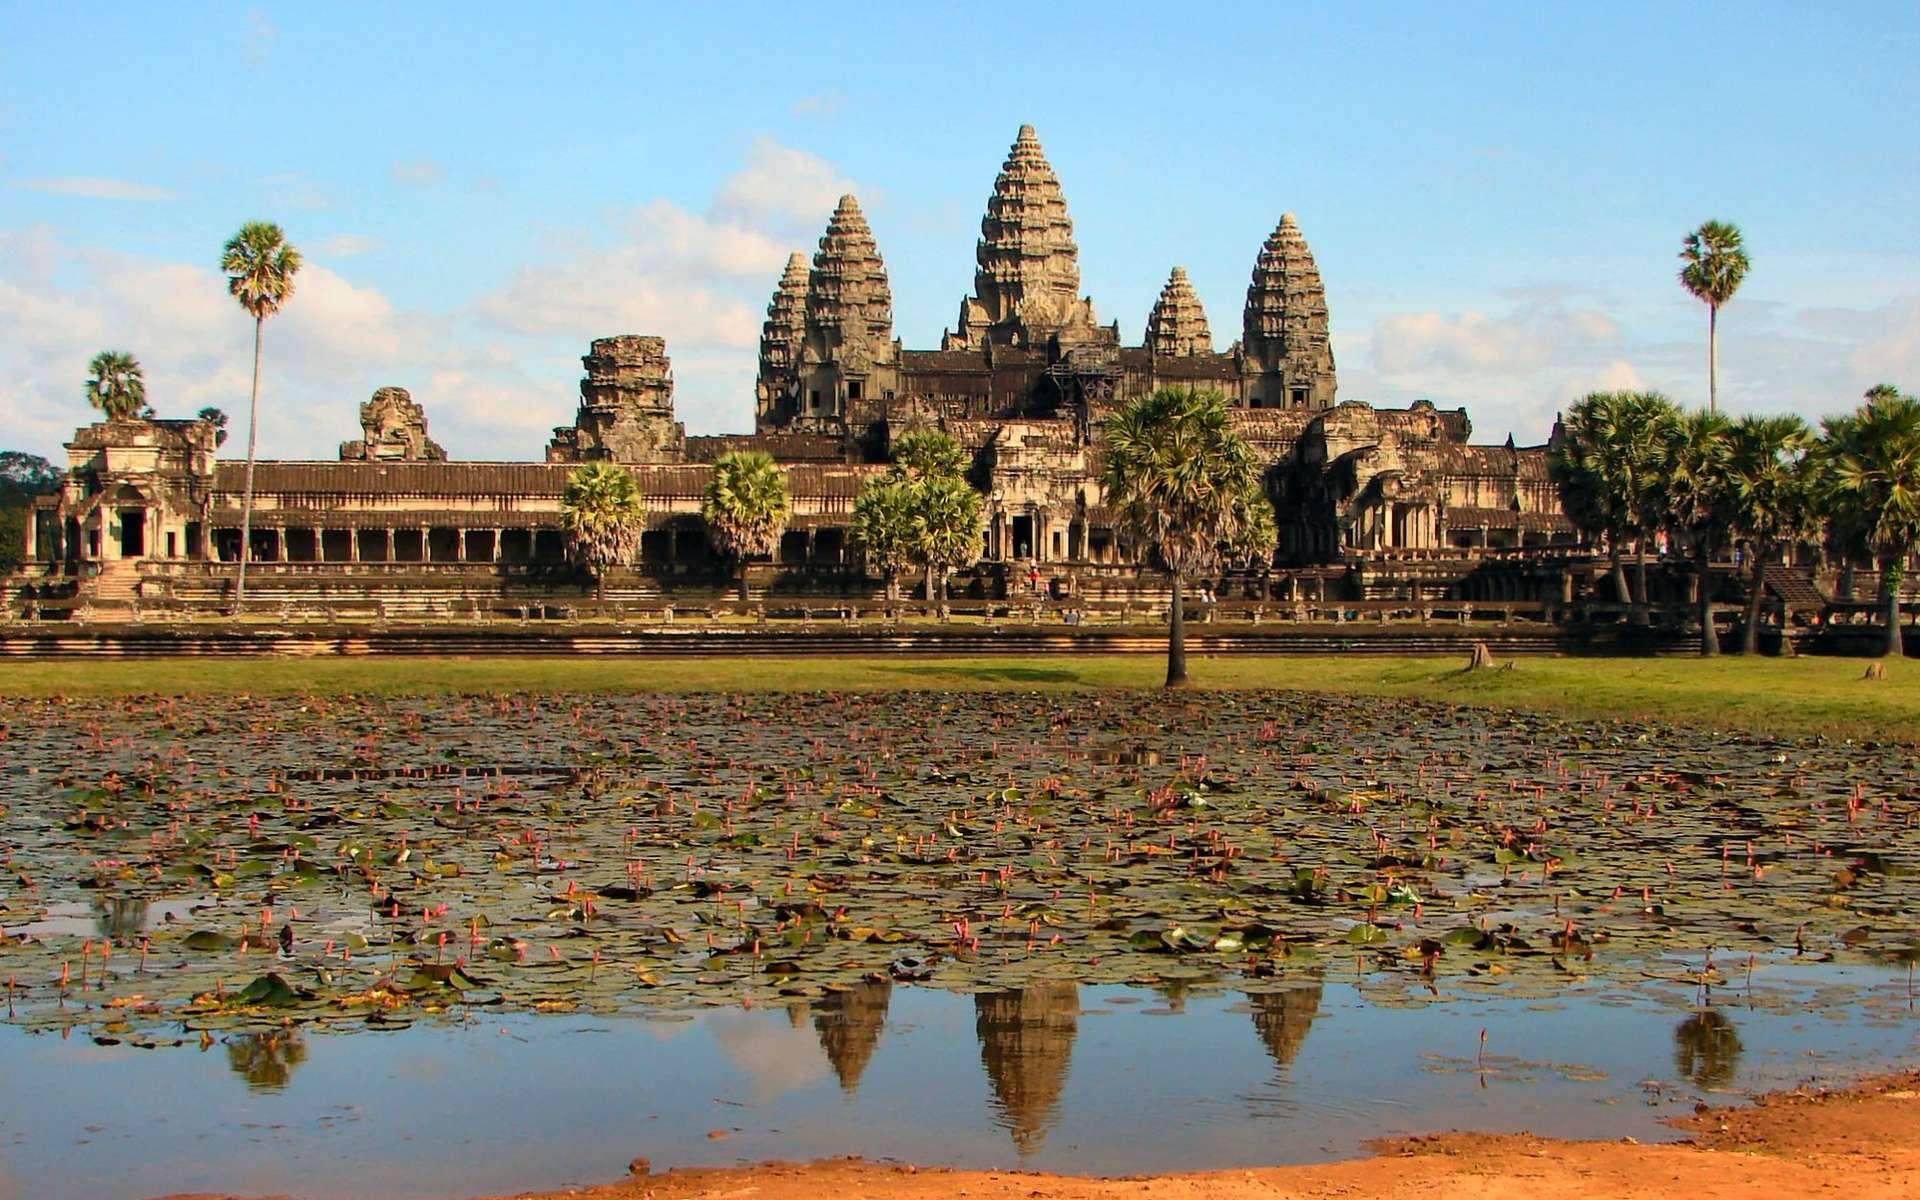 Les temples d'Angkor (ici Angkor Vat) sont célèbres et bien étudiés. Tout autour s'étendaient des cités de grandes tailles, abritant des activités variées, dont les constructions en matériaux végétaux ont été détruites, ou camouflées par la jungle, après le départ inexpliqué de leurs habitants. © Bjørn Christian Tørrissen, Wikipédia, GNU 1.2